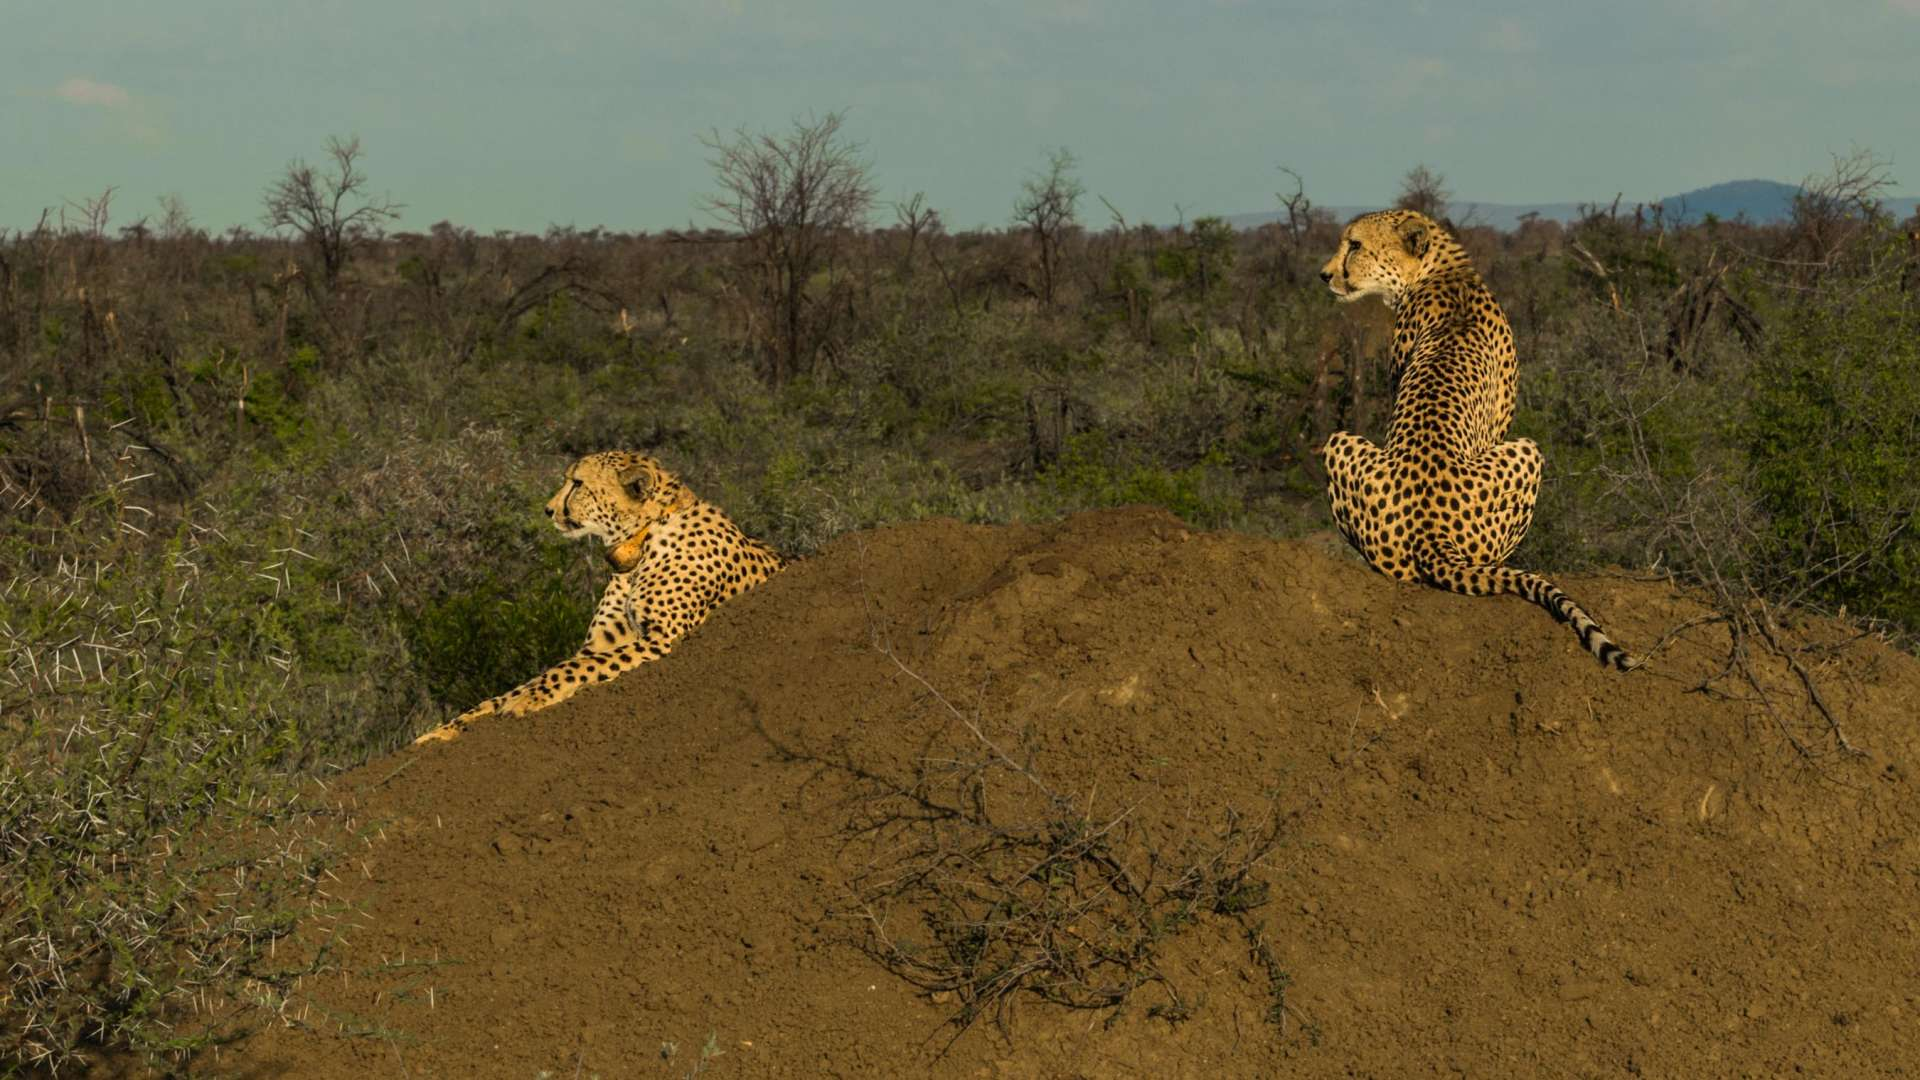 south africa madikwe safari pescart cheetah 3